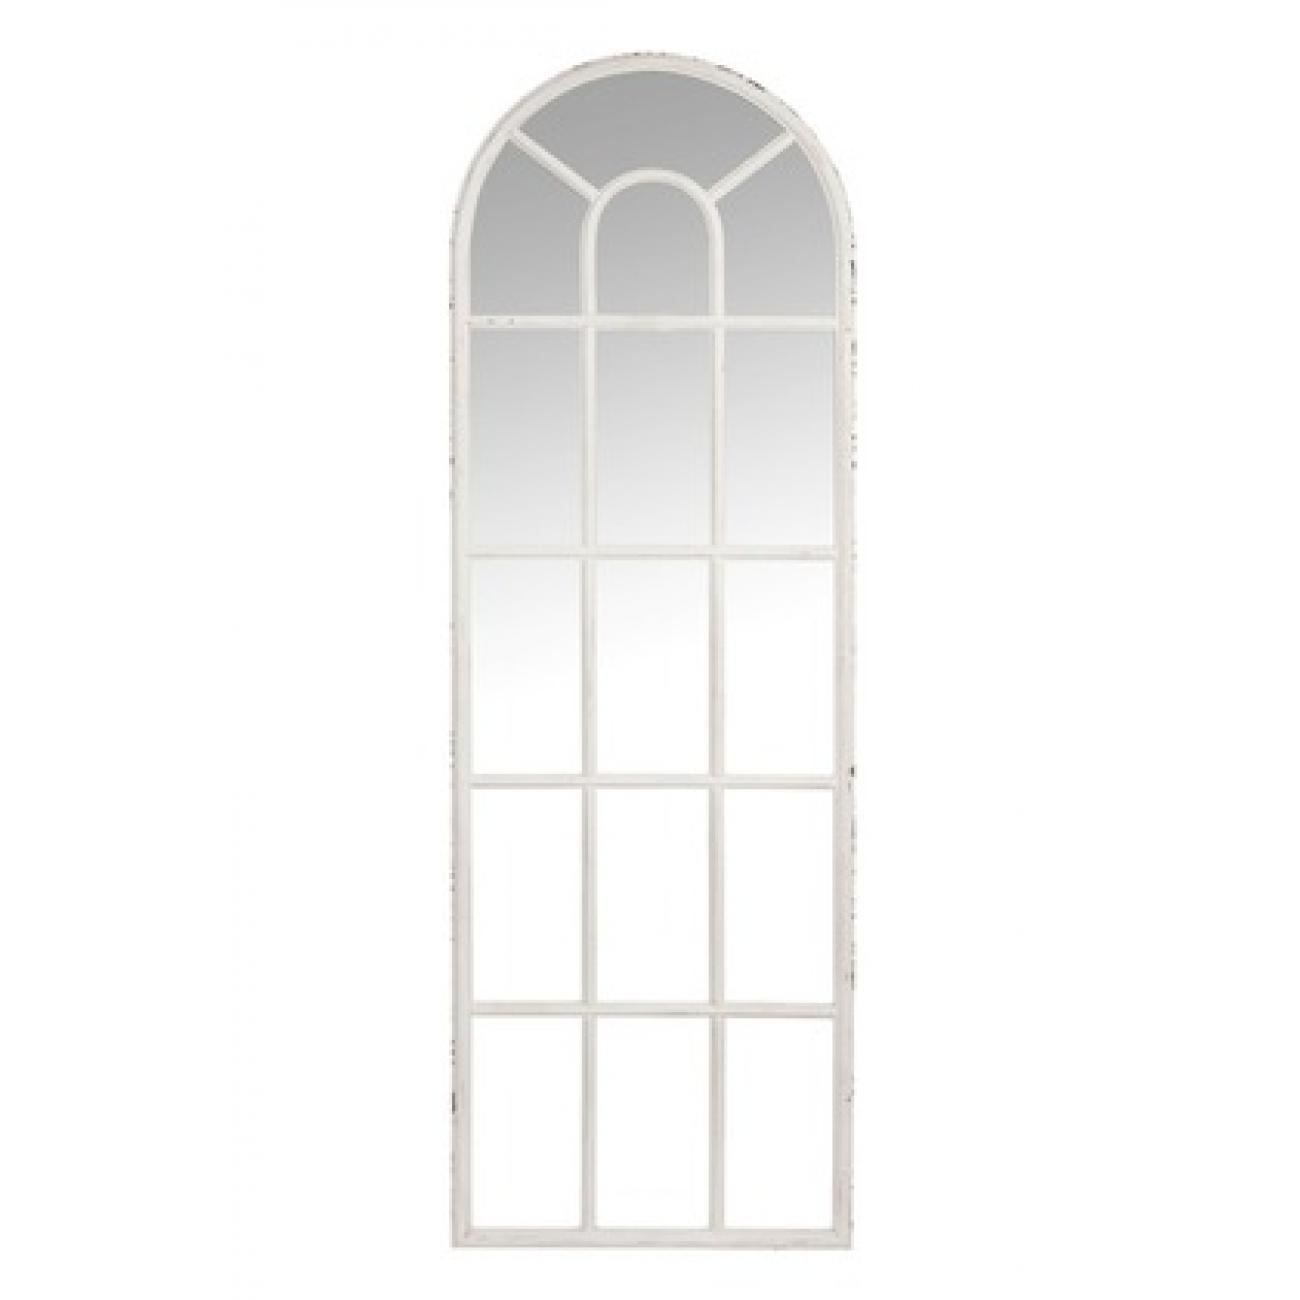 Зеркало J-LINE фигурное настенное в виде большой оконной рамы в античном стиле 53х165 см Бельгия